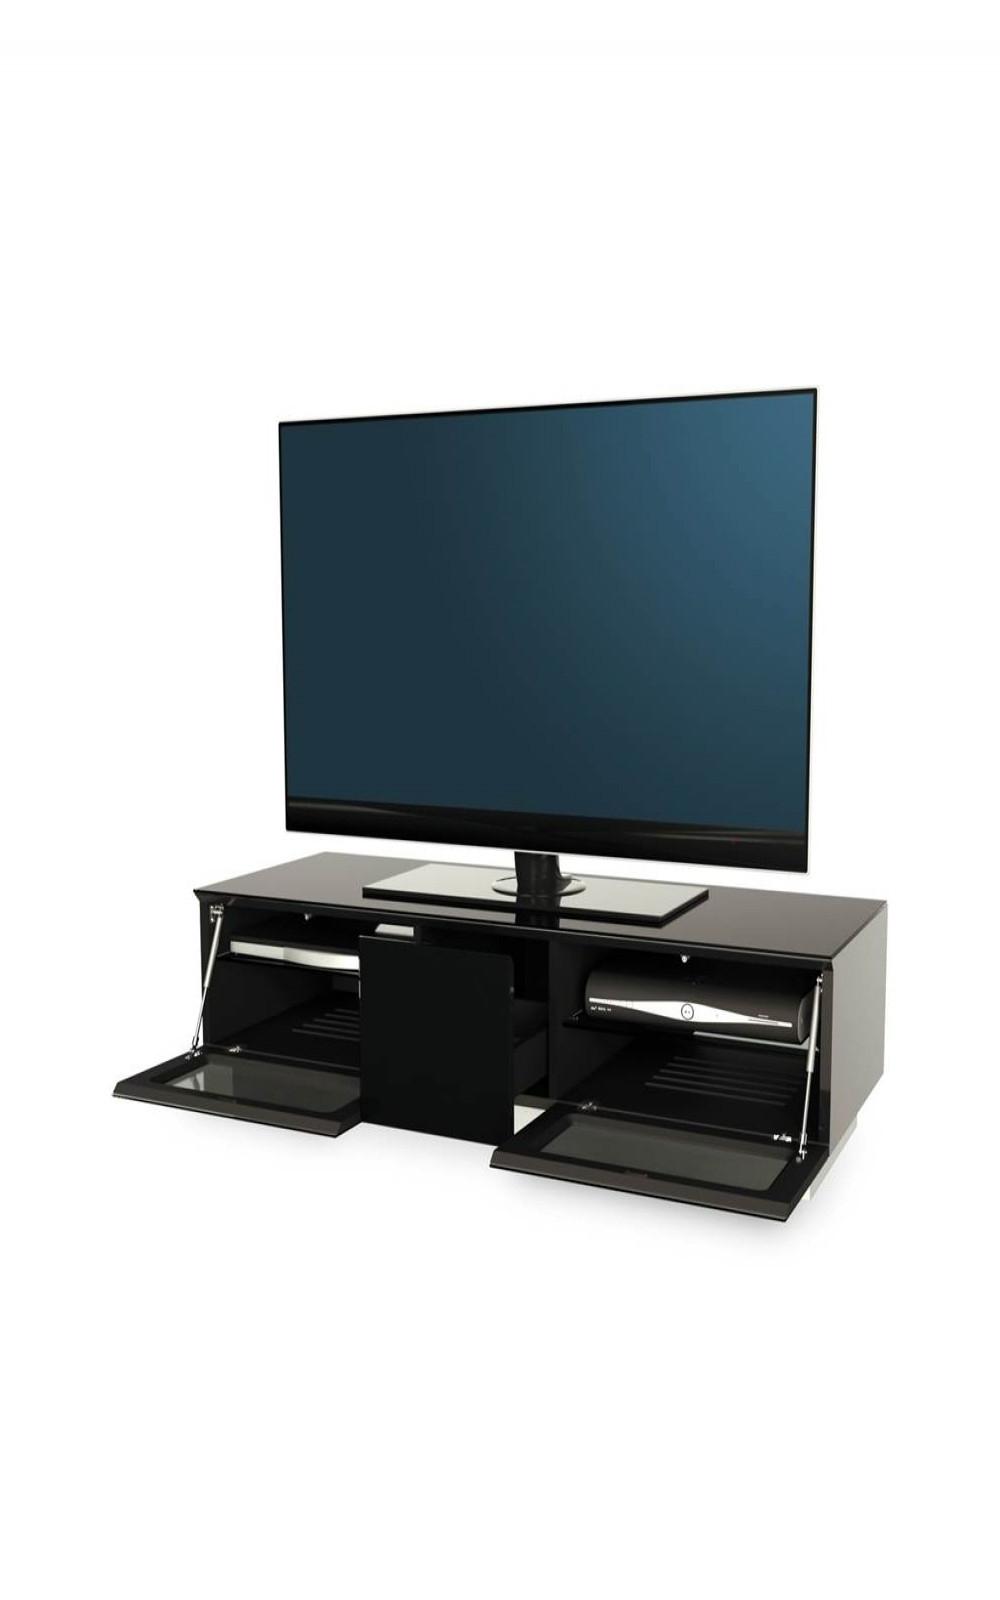 Alphason Emtmod1250 Blk Element Modular Tv Stand | 121 Tv Regarding 57'' Tv Stands With Open Glass Shelves Gray & Black Finsh (View 1 of 20)